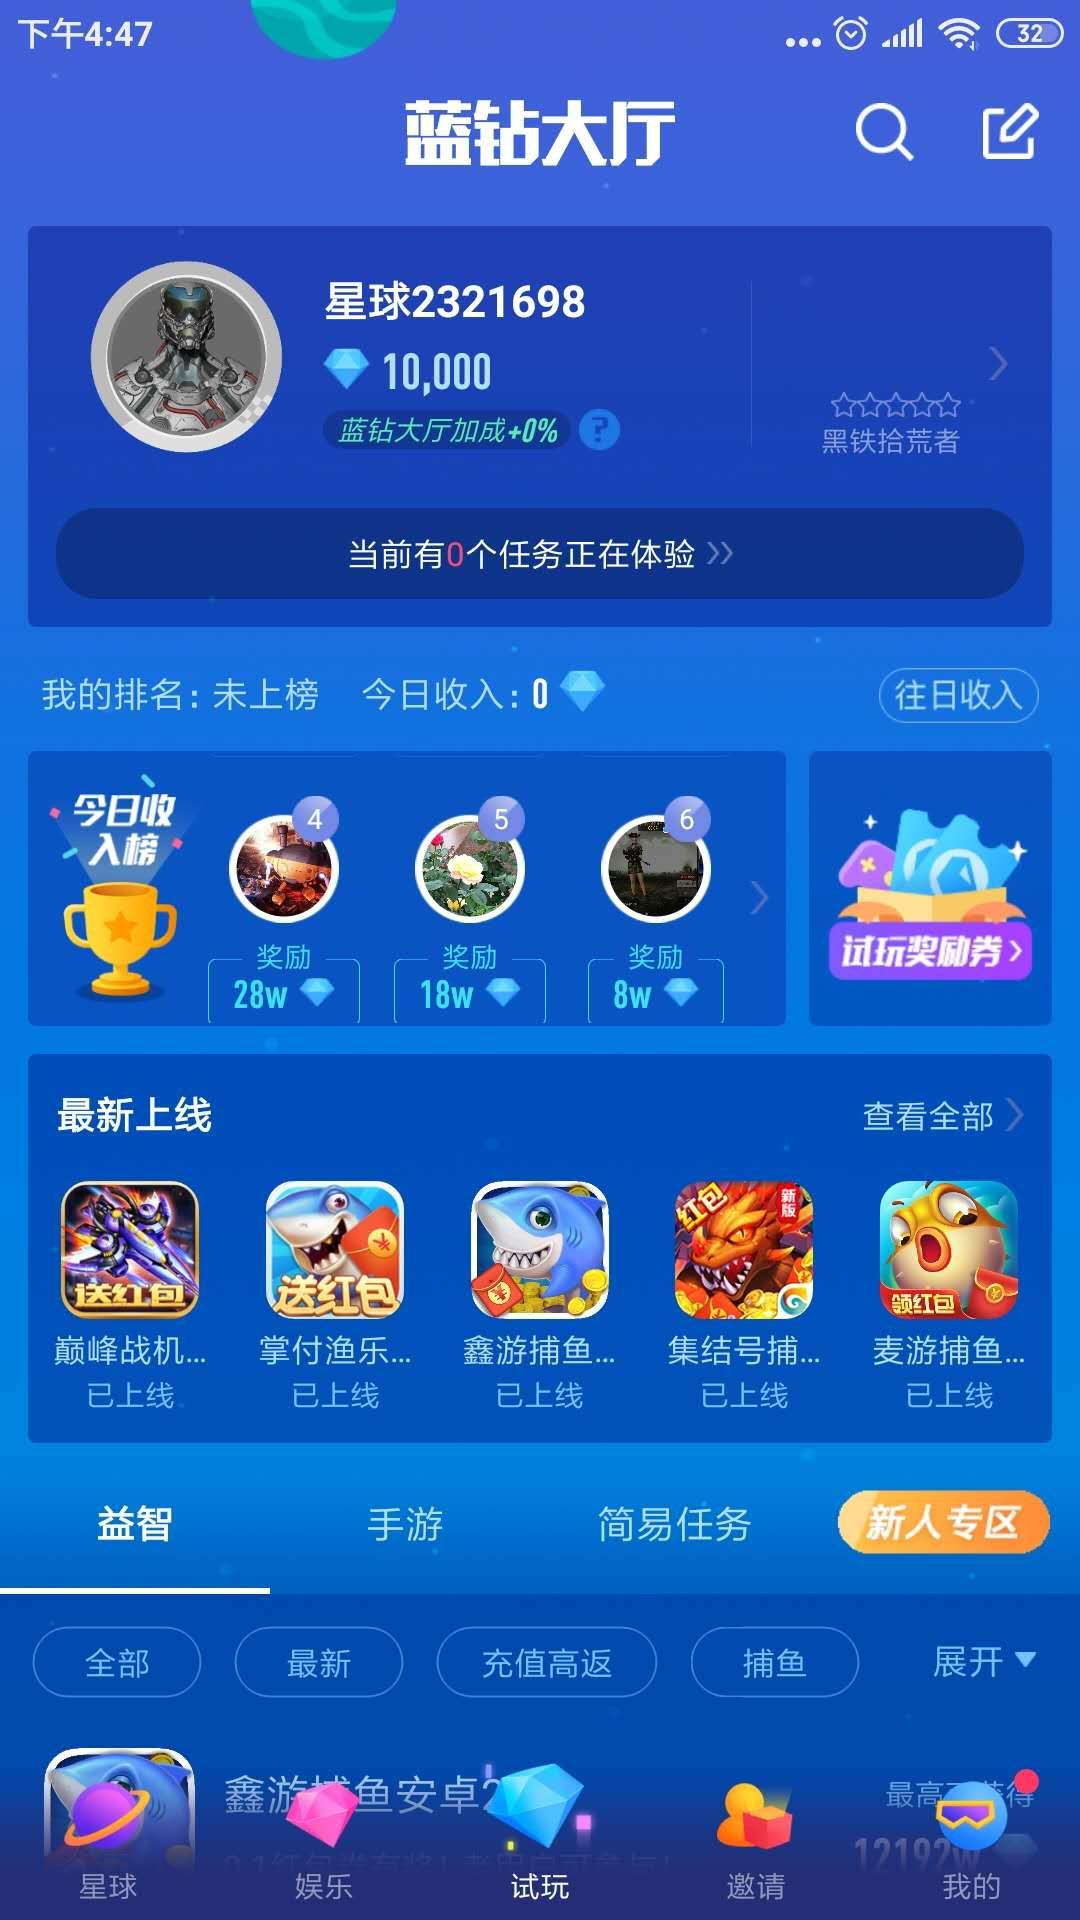 宝石星球app最新版下载